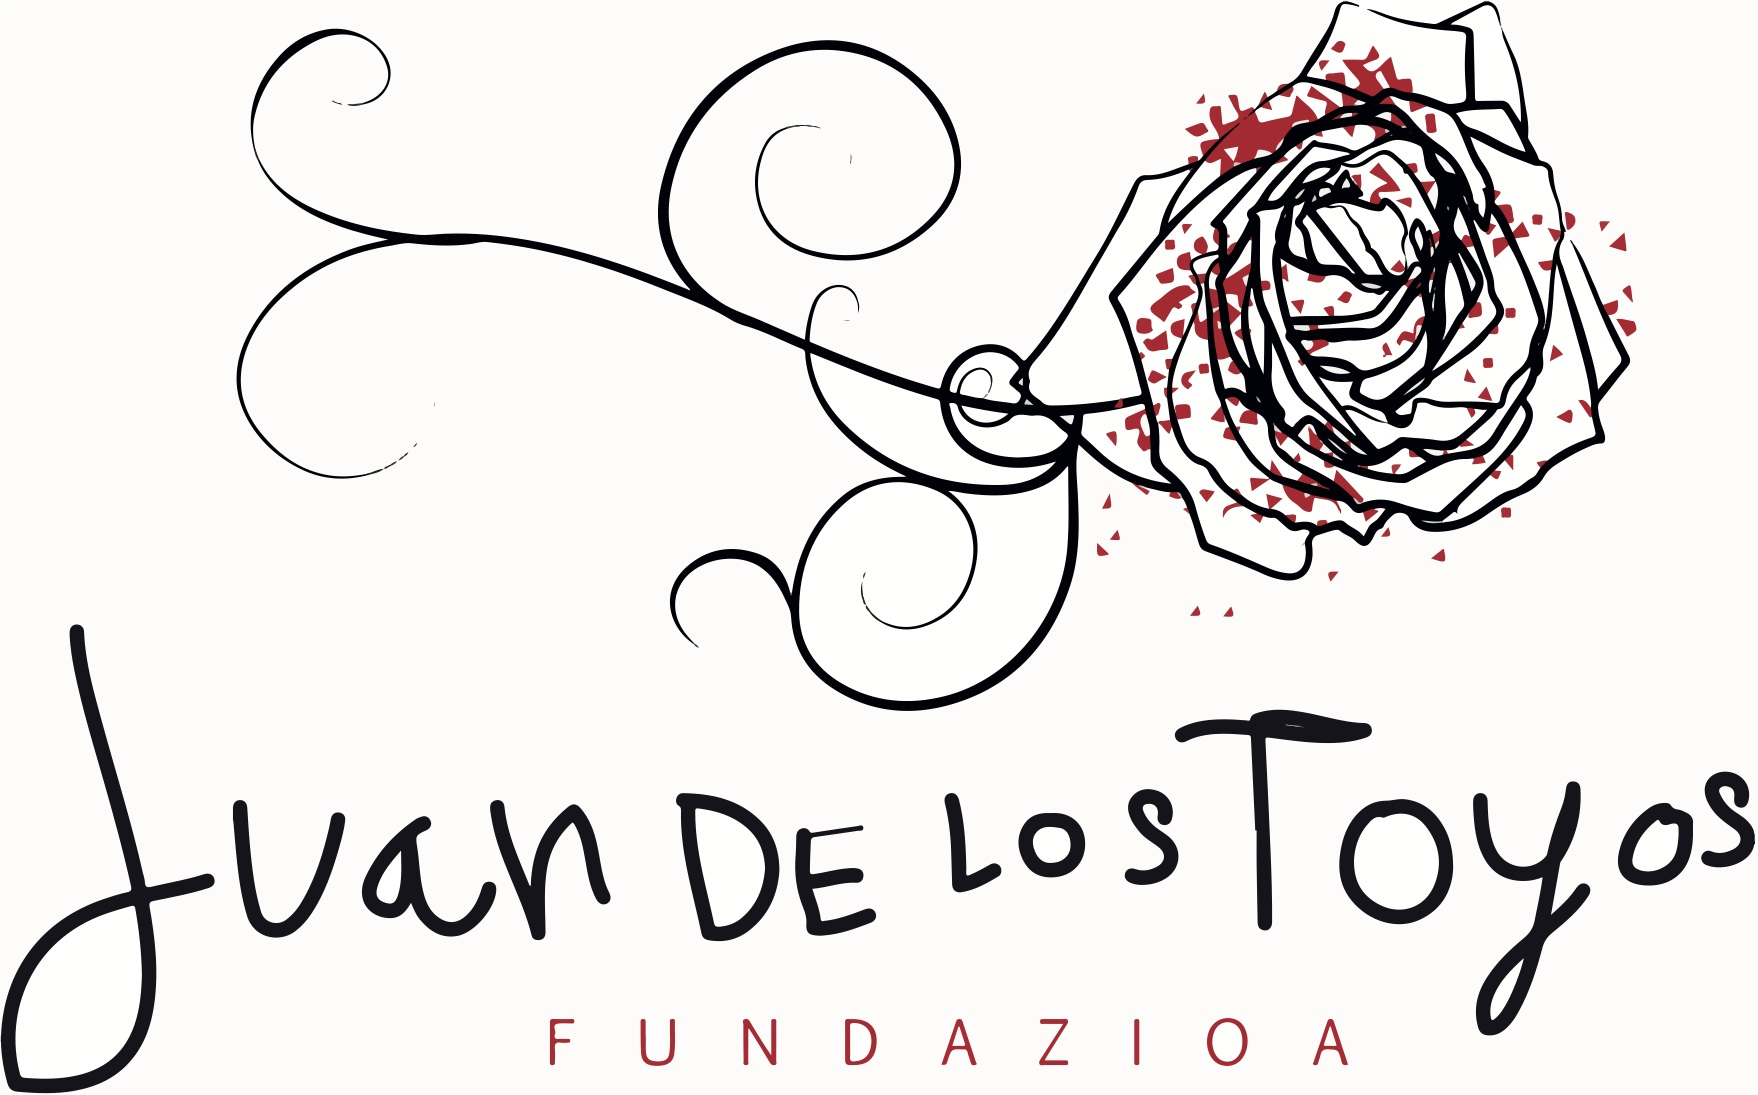 FUNDACION JUAN DE LOS TOYOS